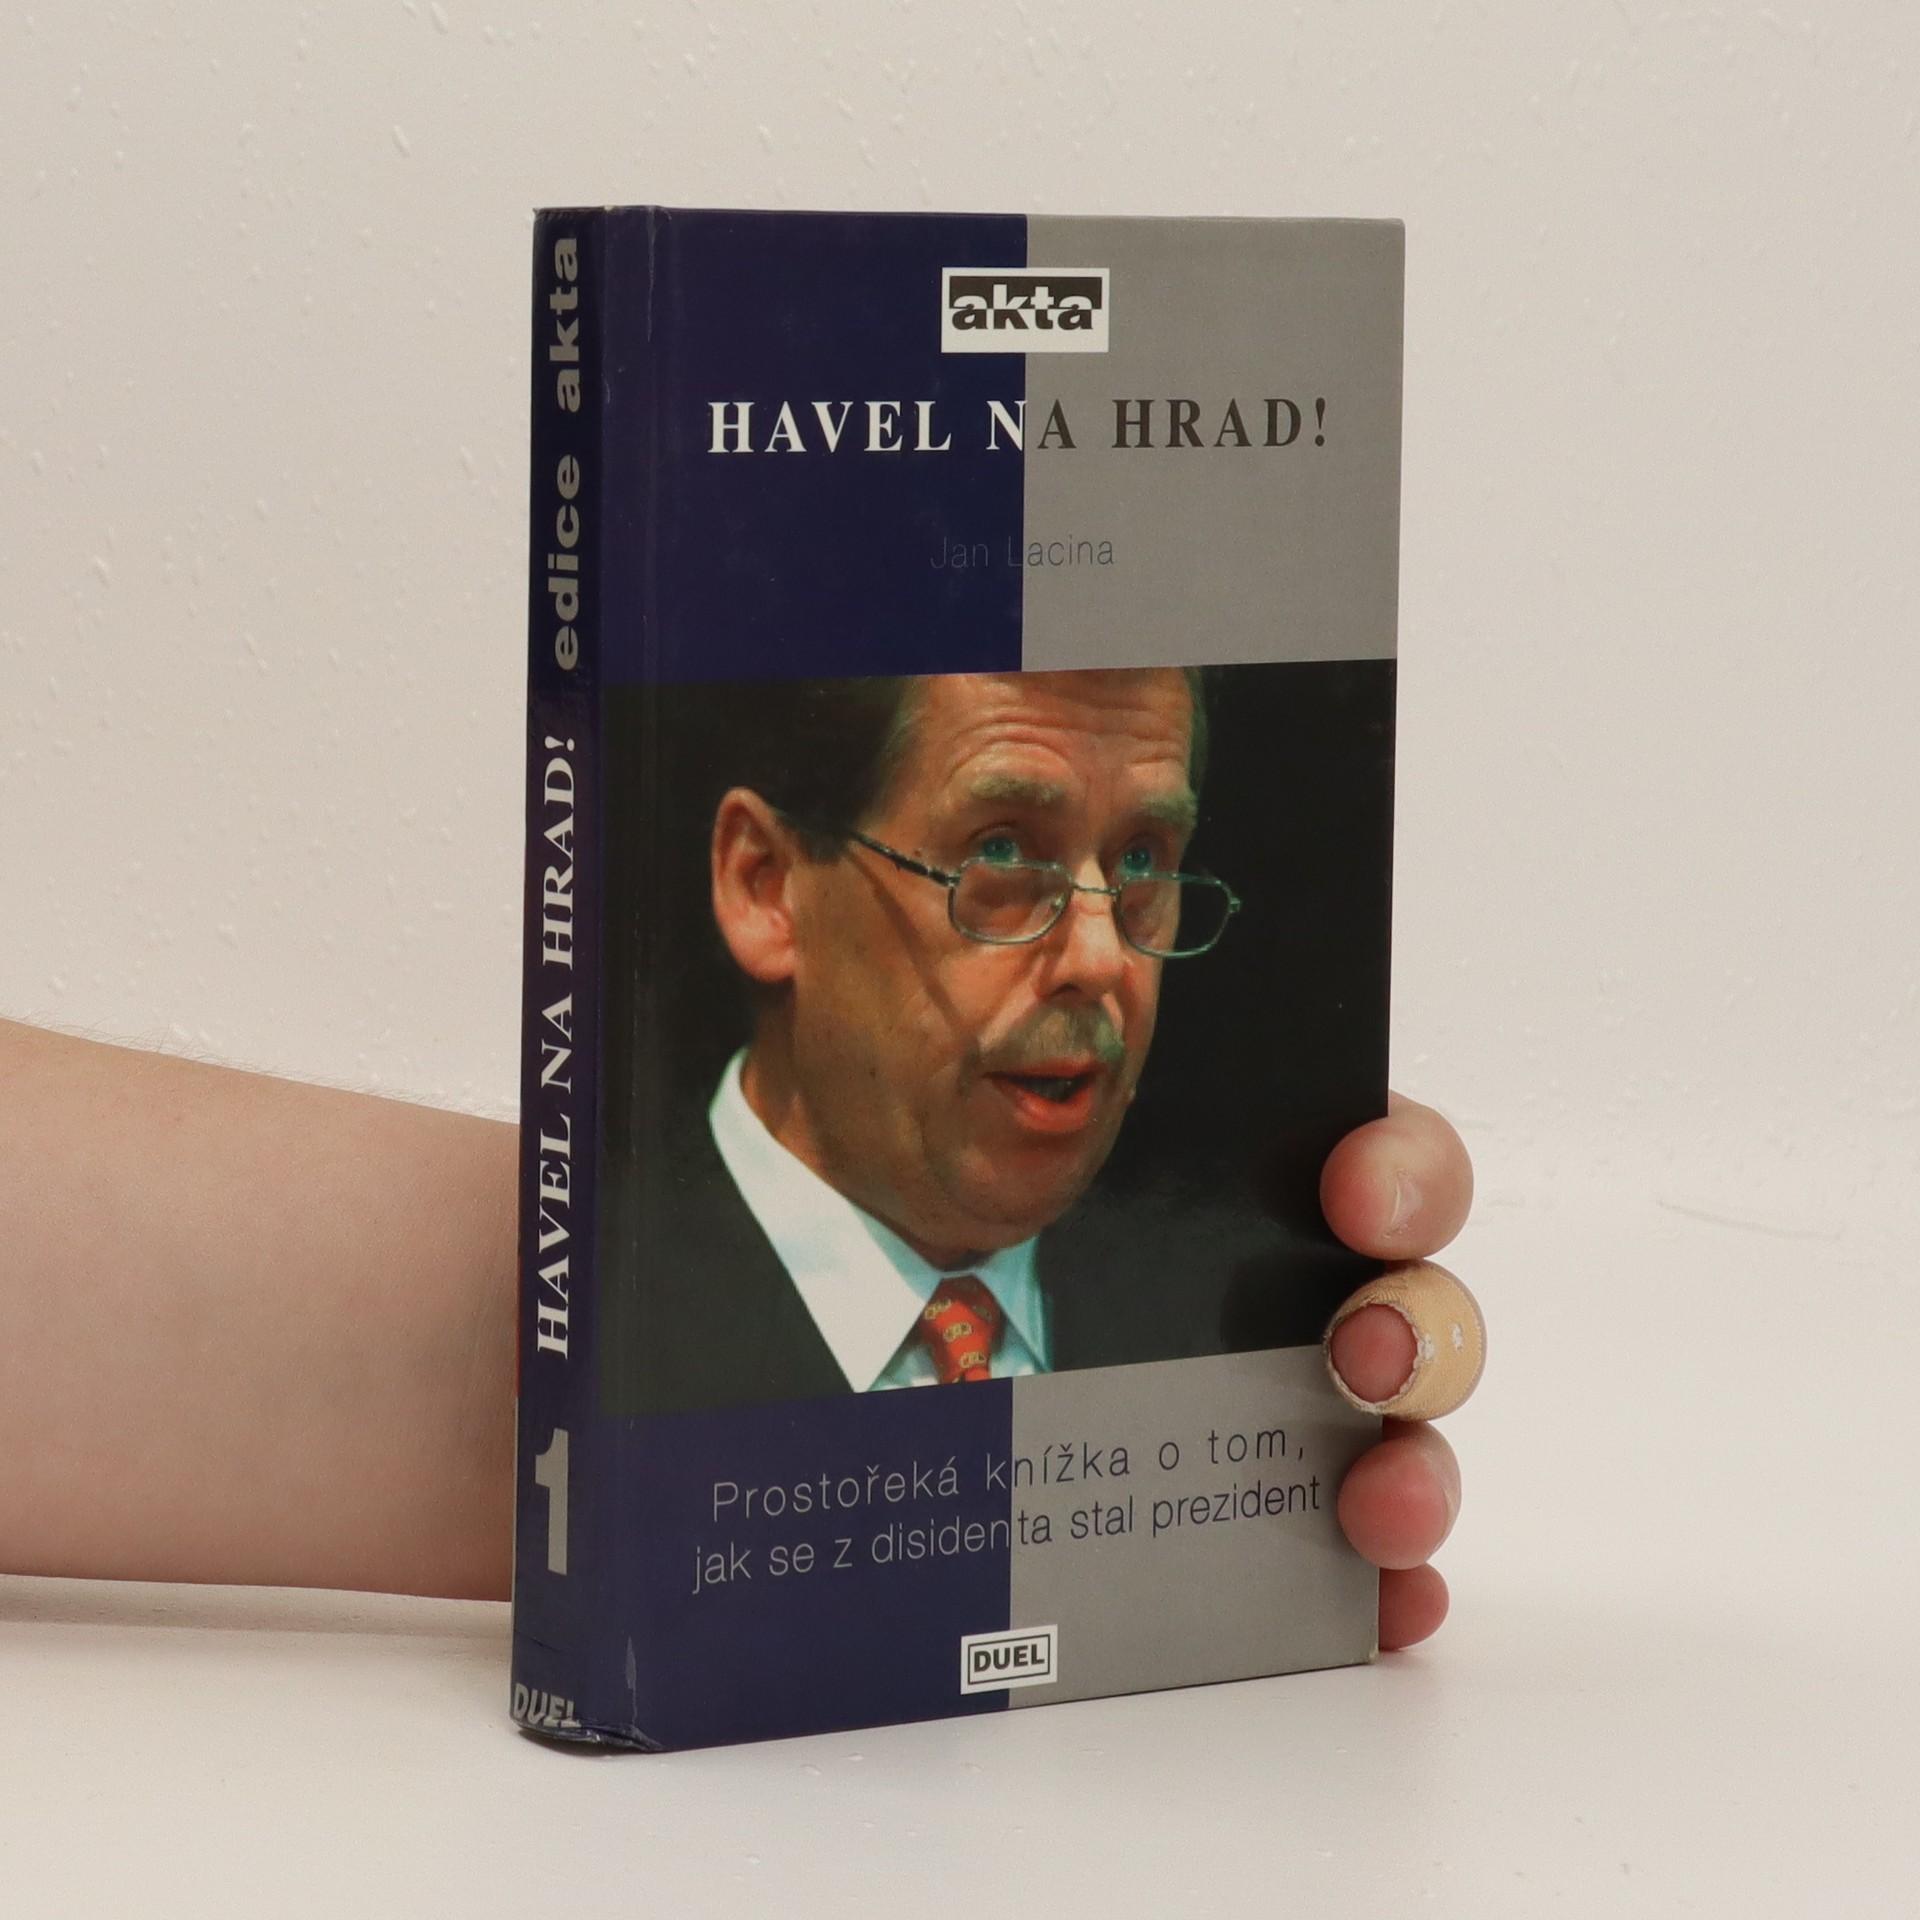 antikvární kniha Havel na Hrad! : prostořeká knížka o tom, jak se z disidenta stal prezident, 1998